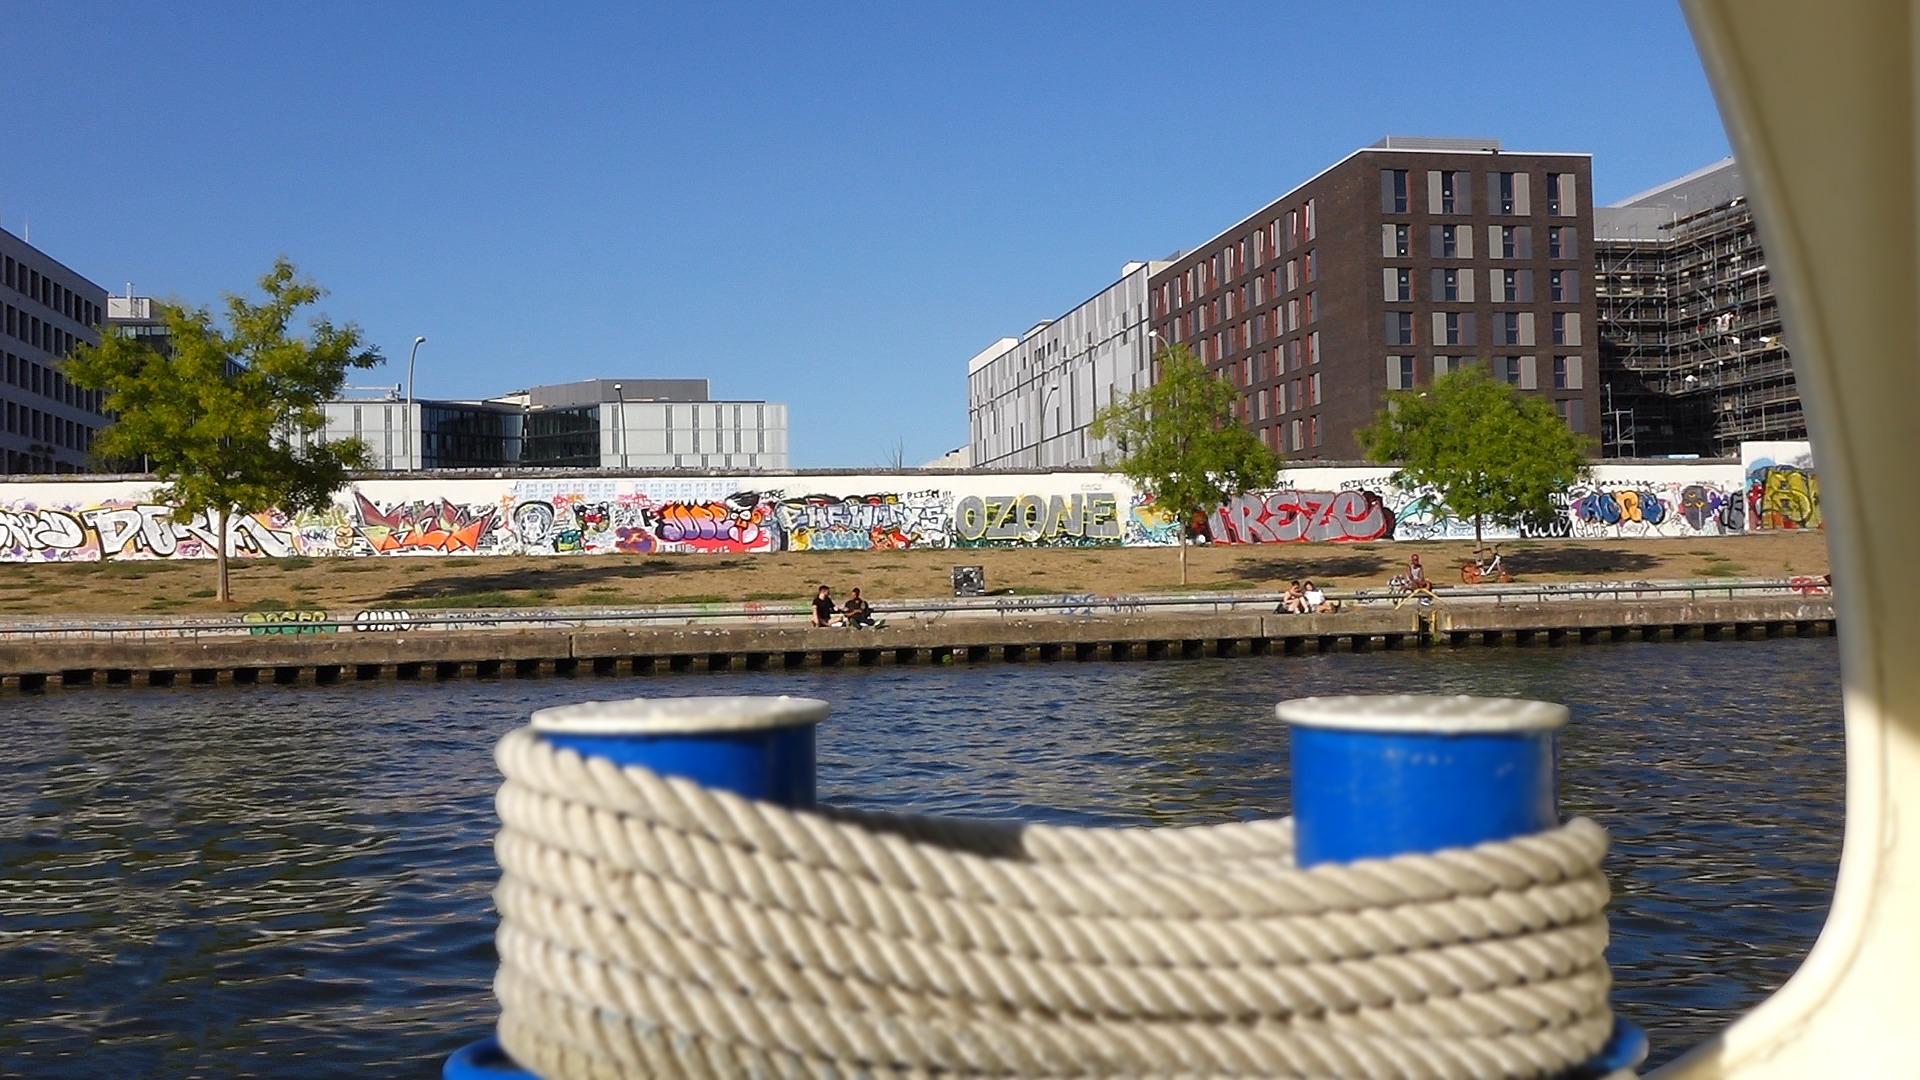 Dampferfahrt Berlin - East Side Gallery